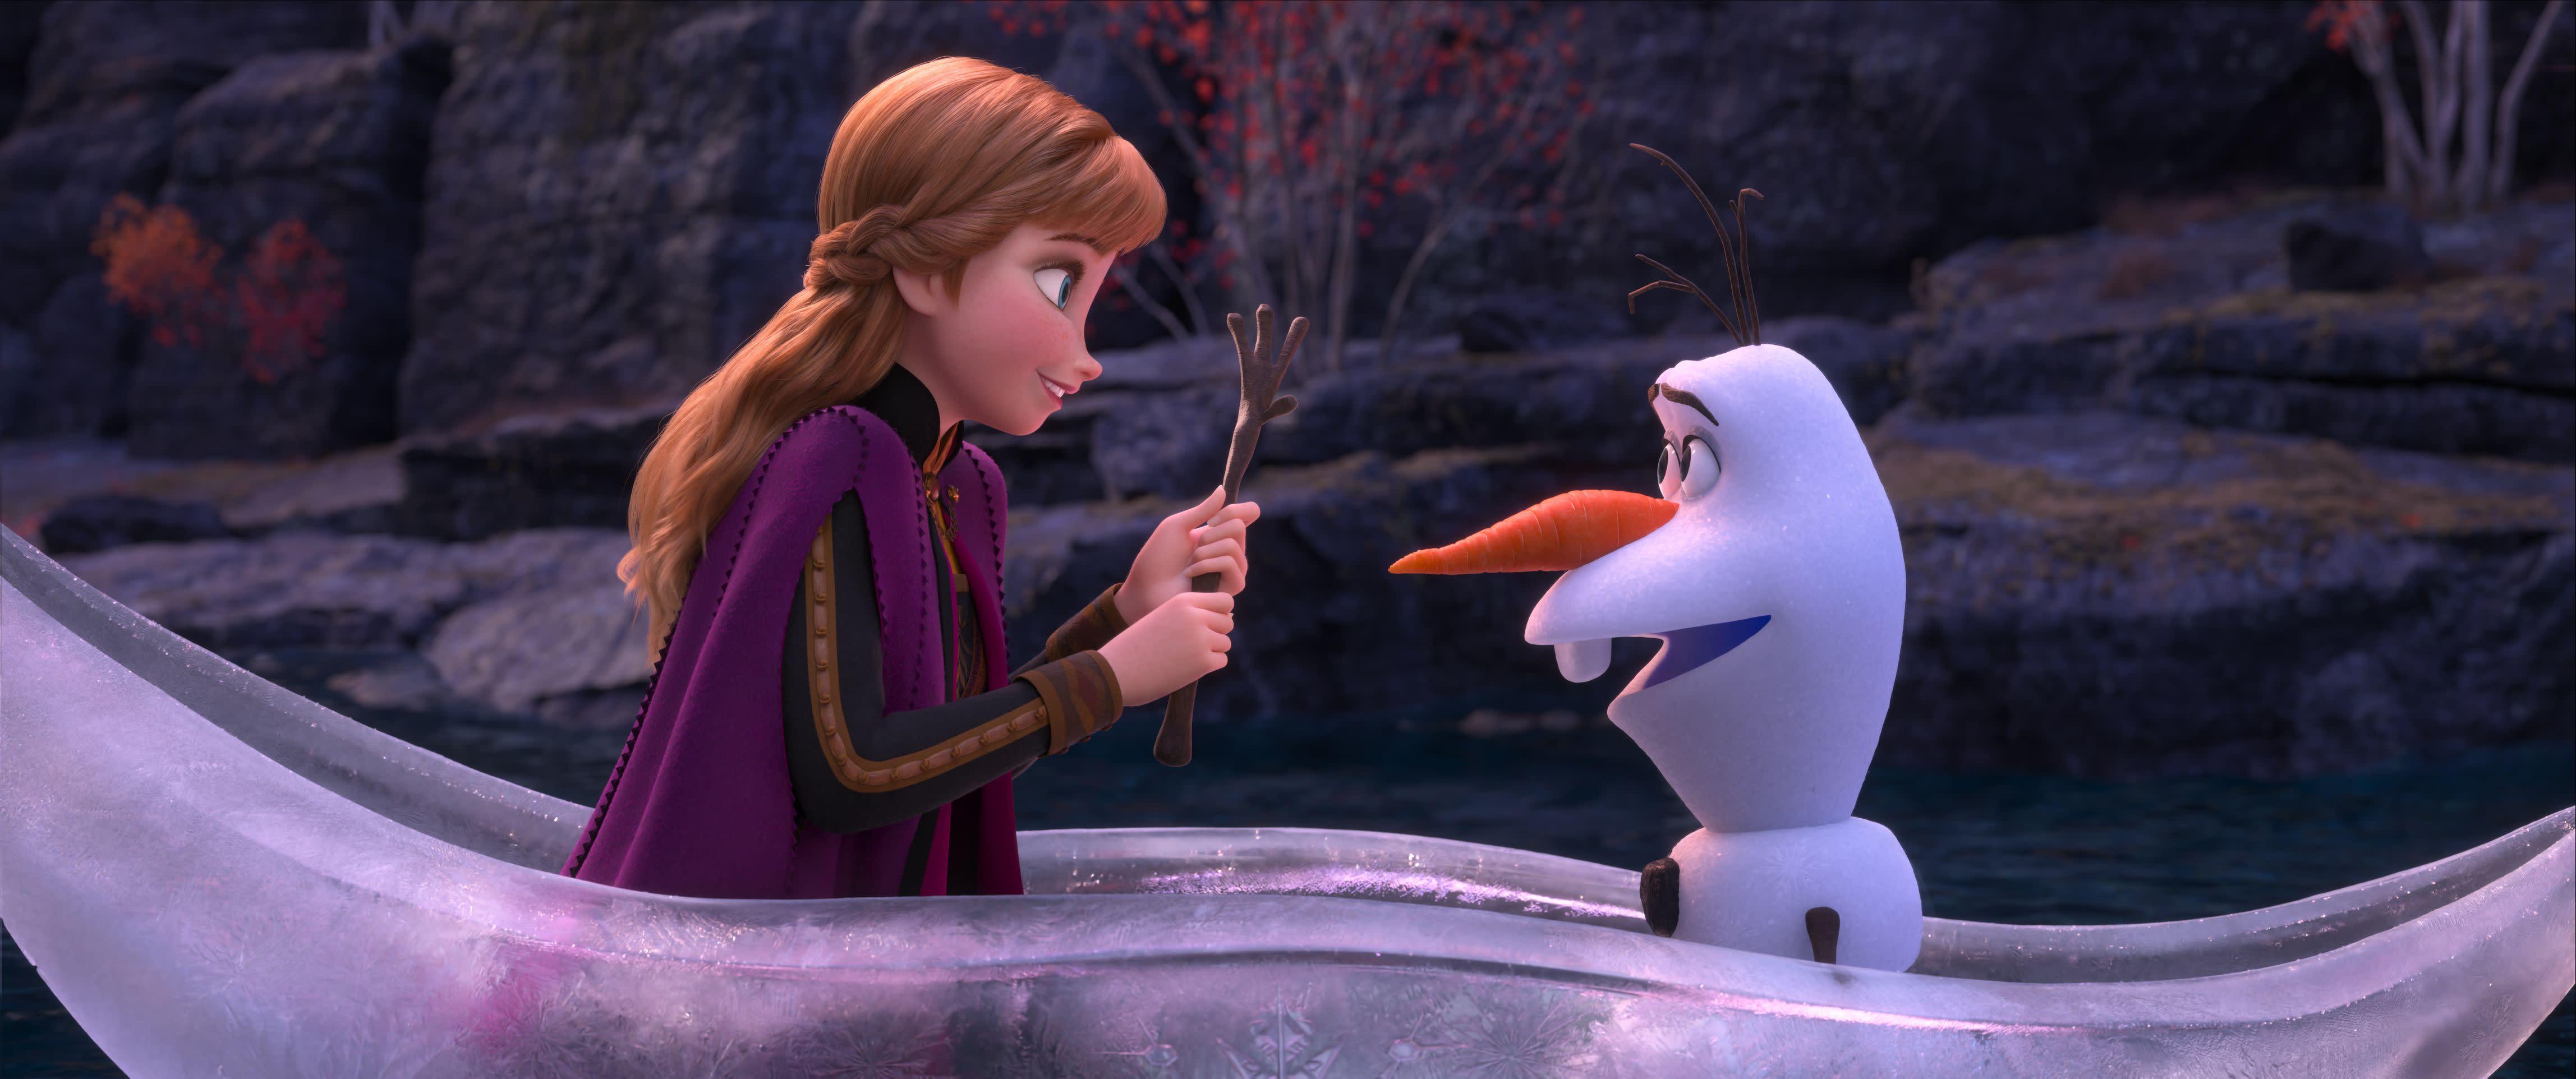 รีวิว Frozen 2: โฟรเซ่น ผจญภัยปริศนาราชินีหิมะ – KWANMANIE